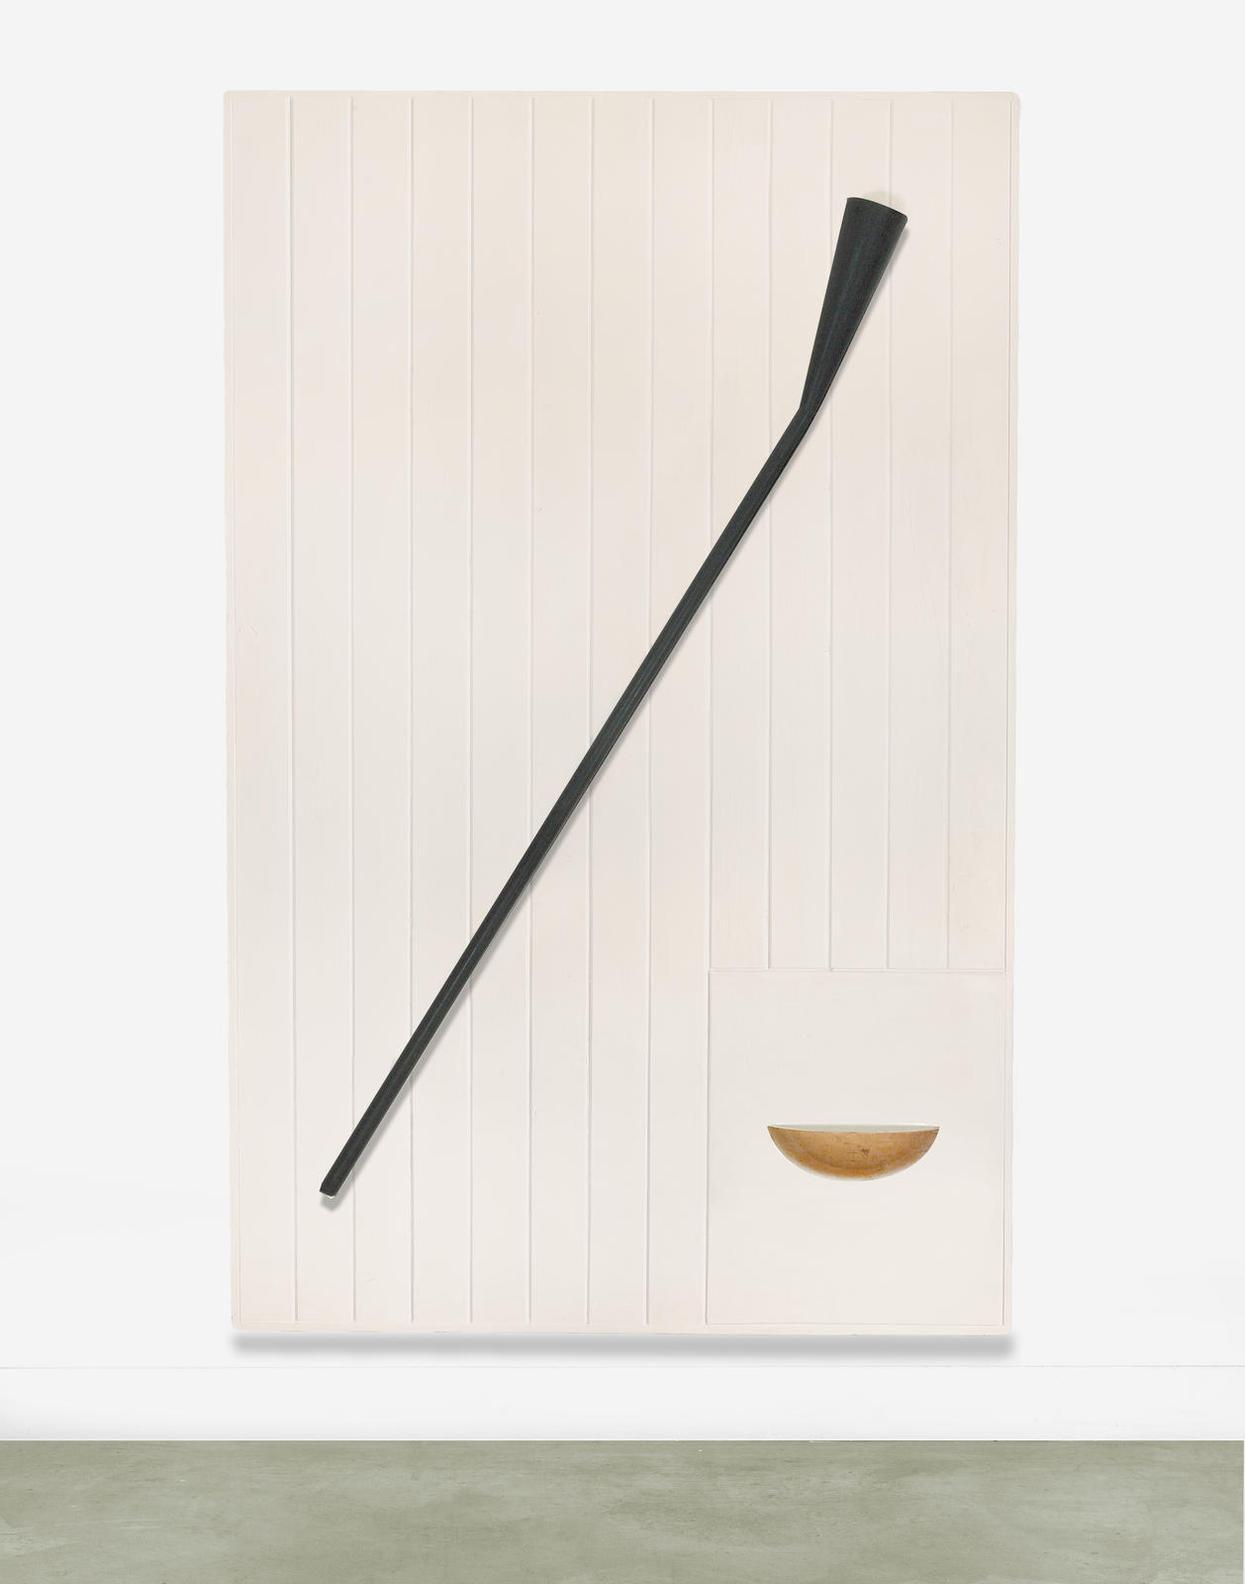 Robert Therrien-Untitled (Trumpet Plaque)-1985